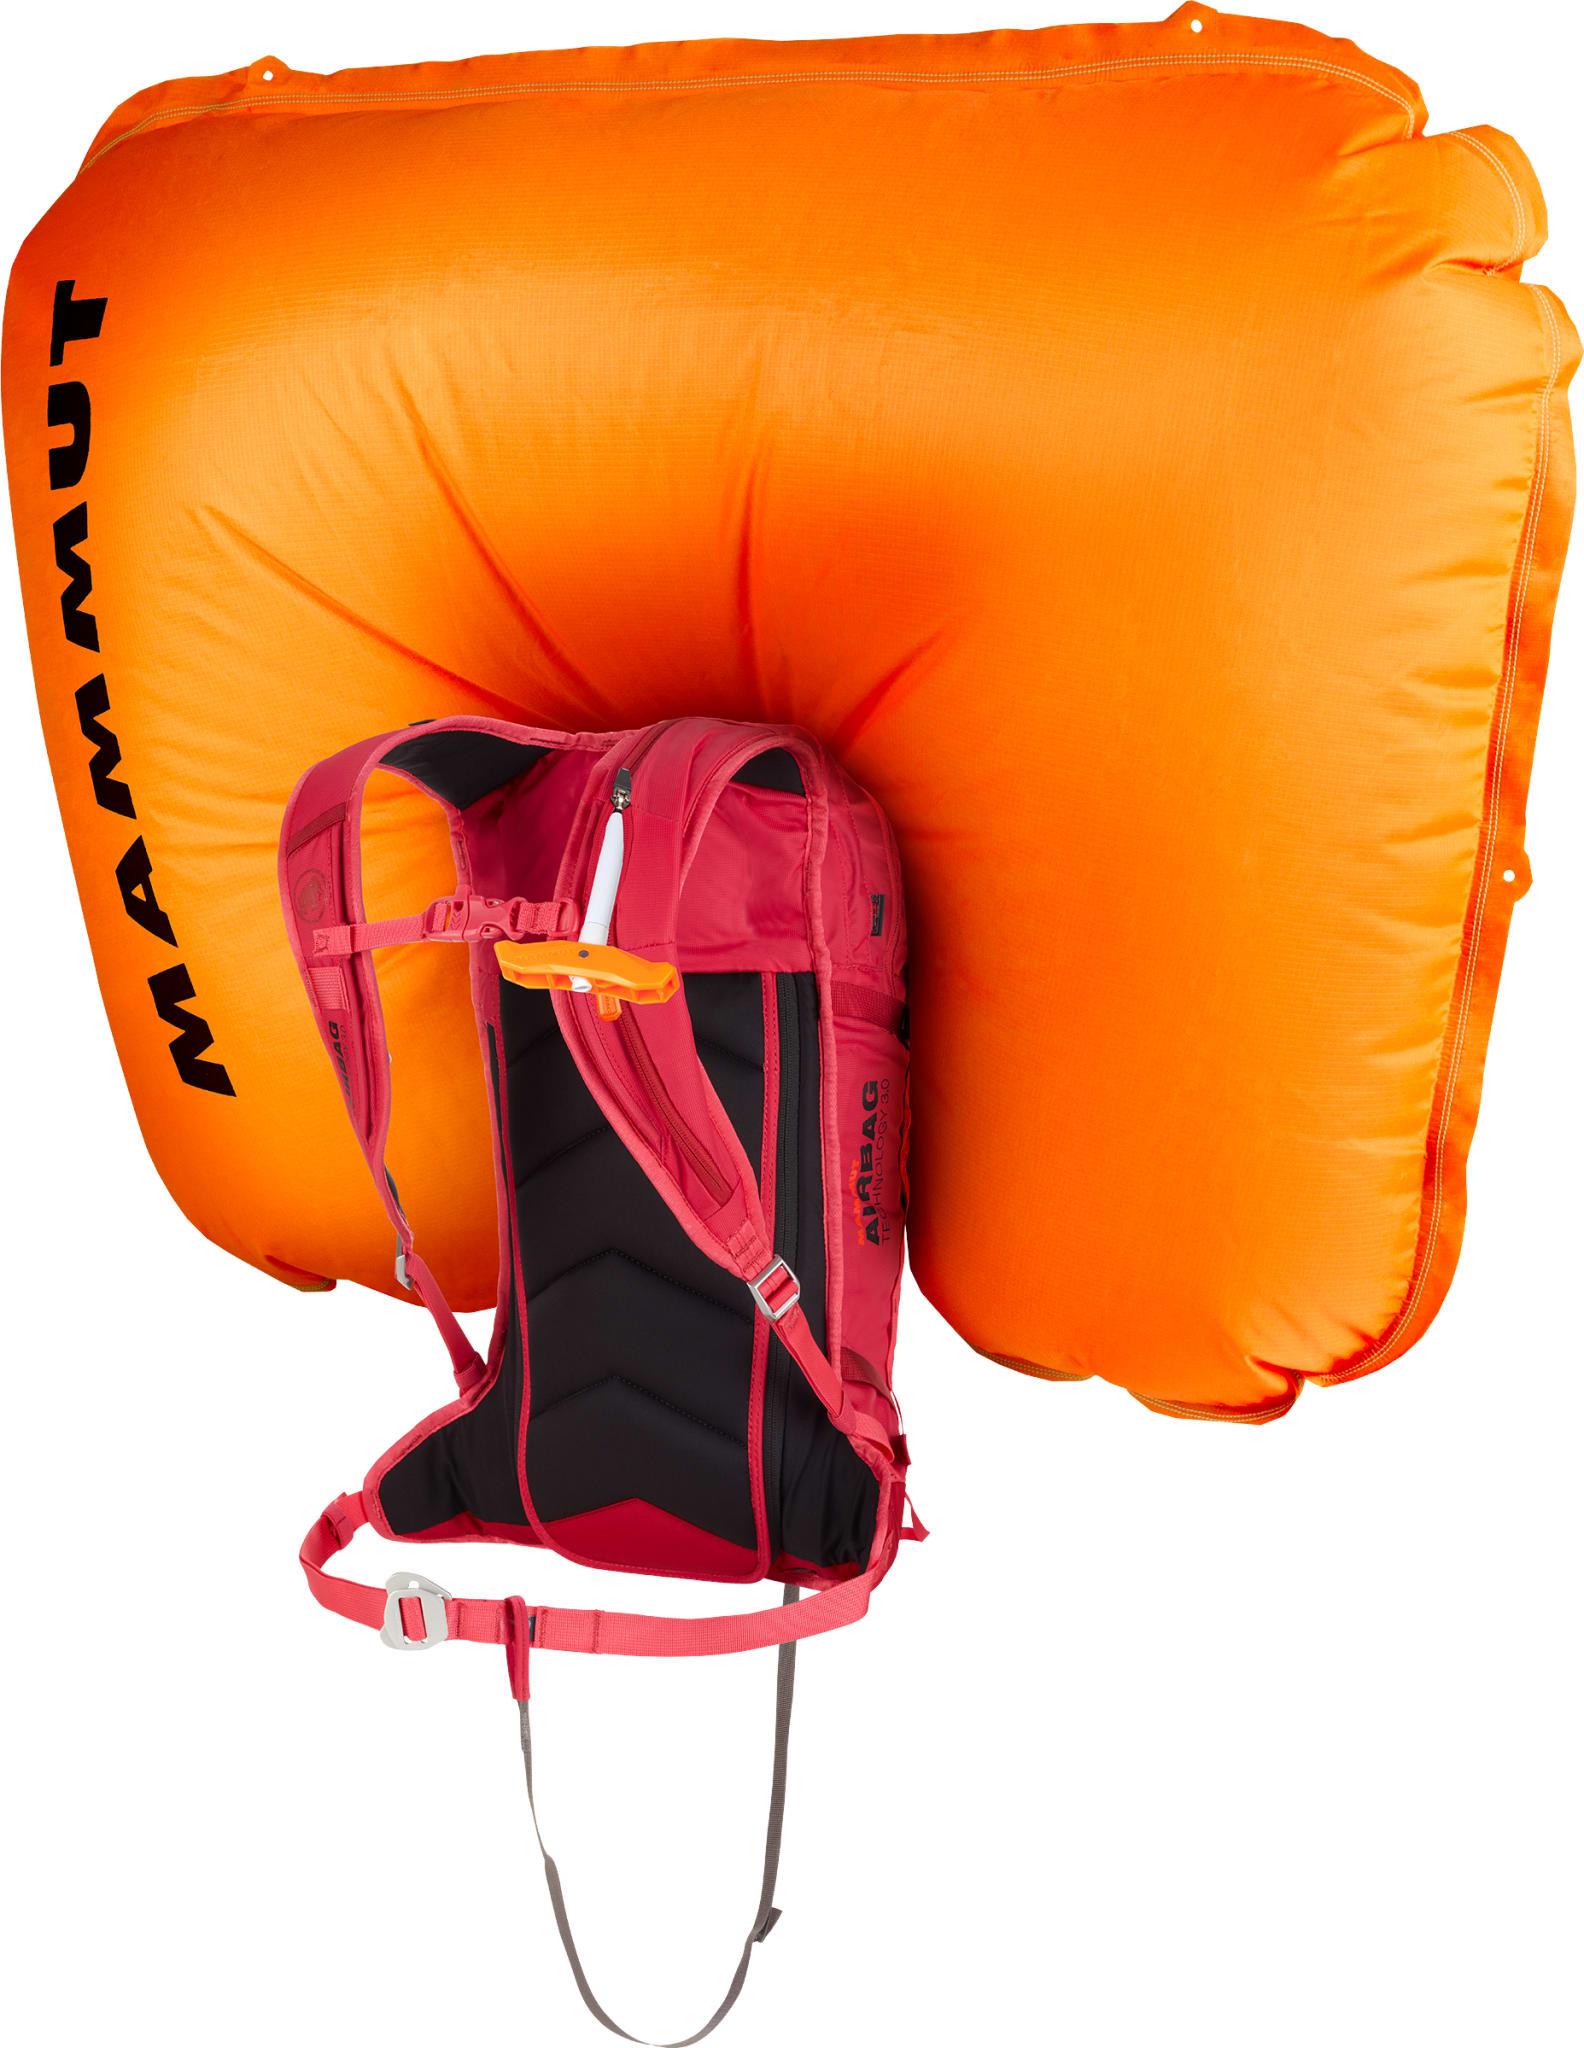 Lett ballongsekk for heisbasert skikjøring og kortere toppturer